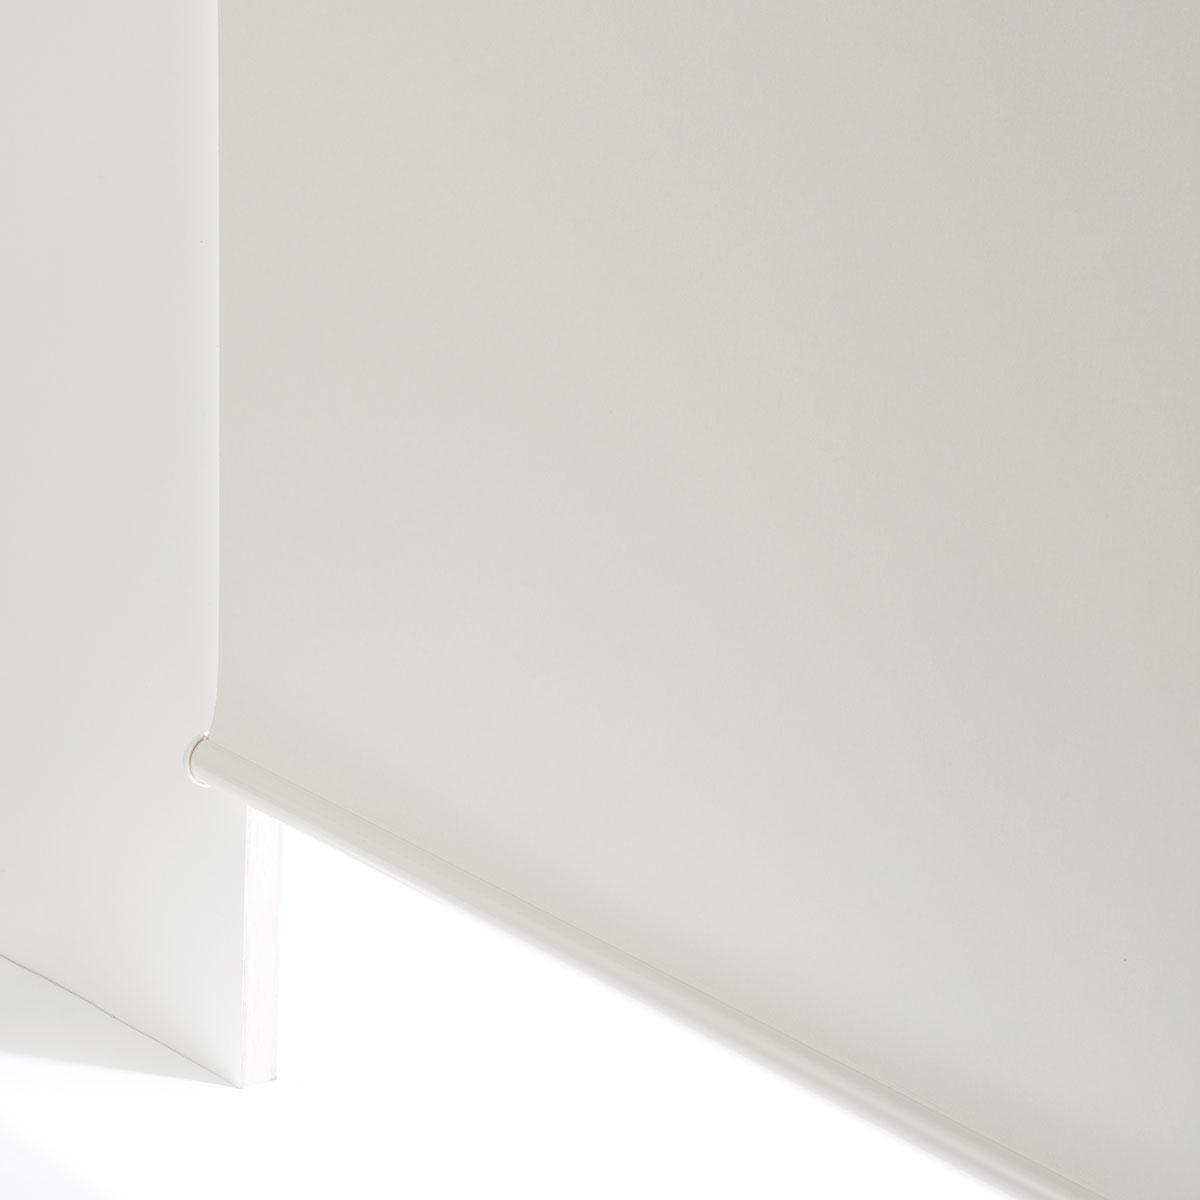 遮光ロールスクリーン チェーン式(ドルフィンWH 60X180) ニトリ 【玄関先迄納品】 〔合計金額11000円以上送料無料対象商品〕